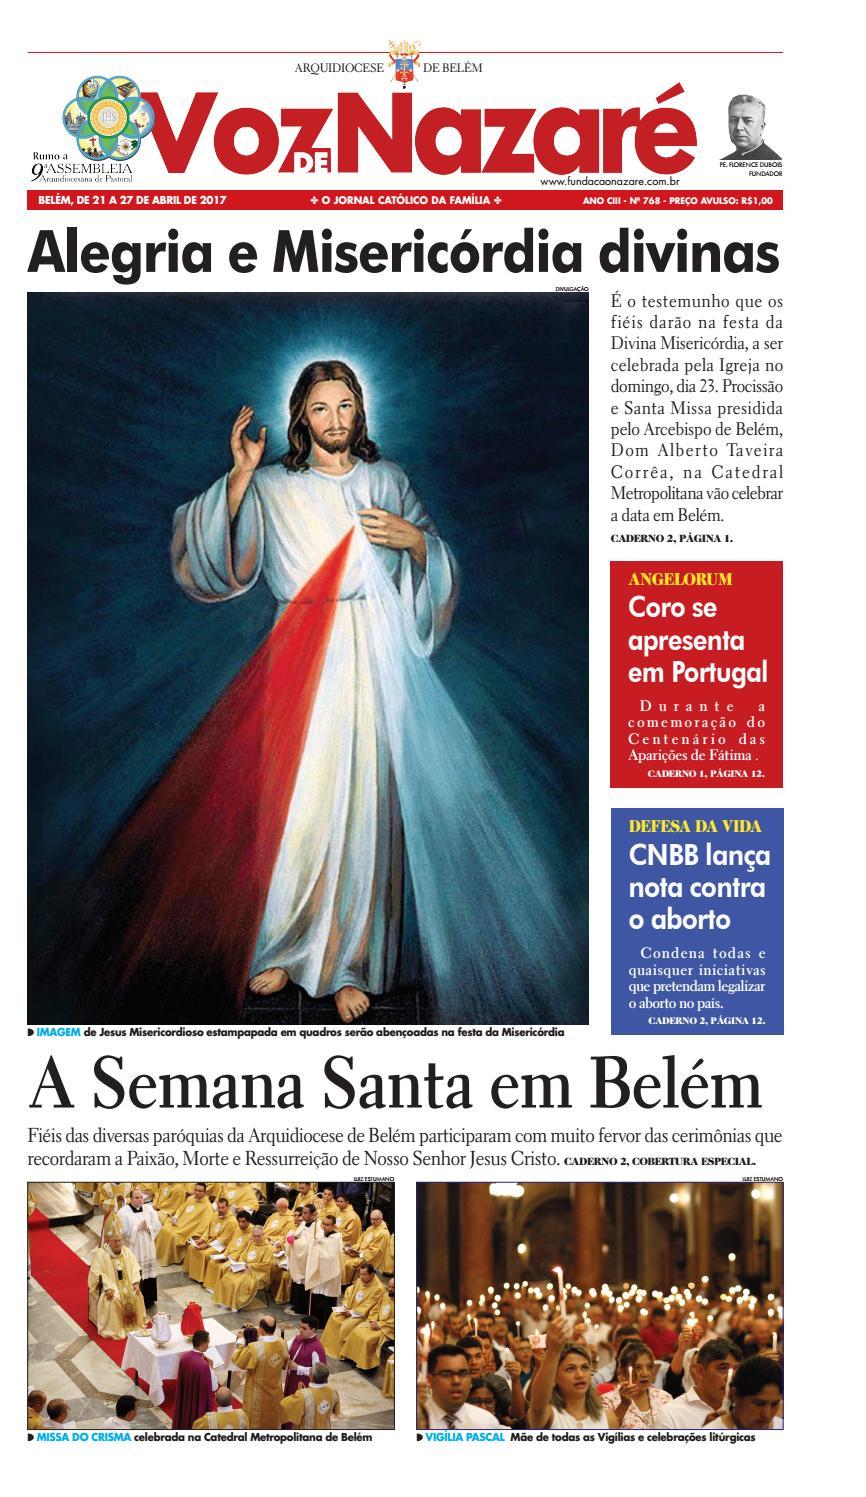 CD O BAIXAR ENQUANTO DE BRILHAR CATEDRAL SOL